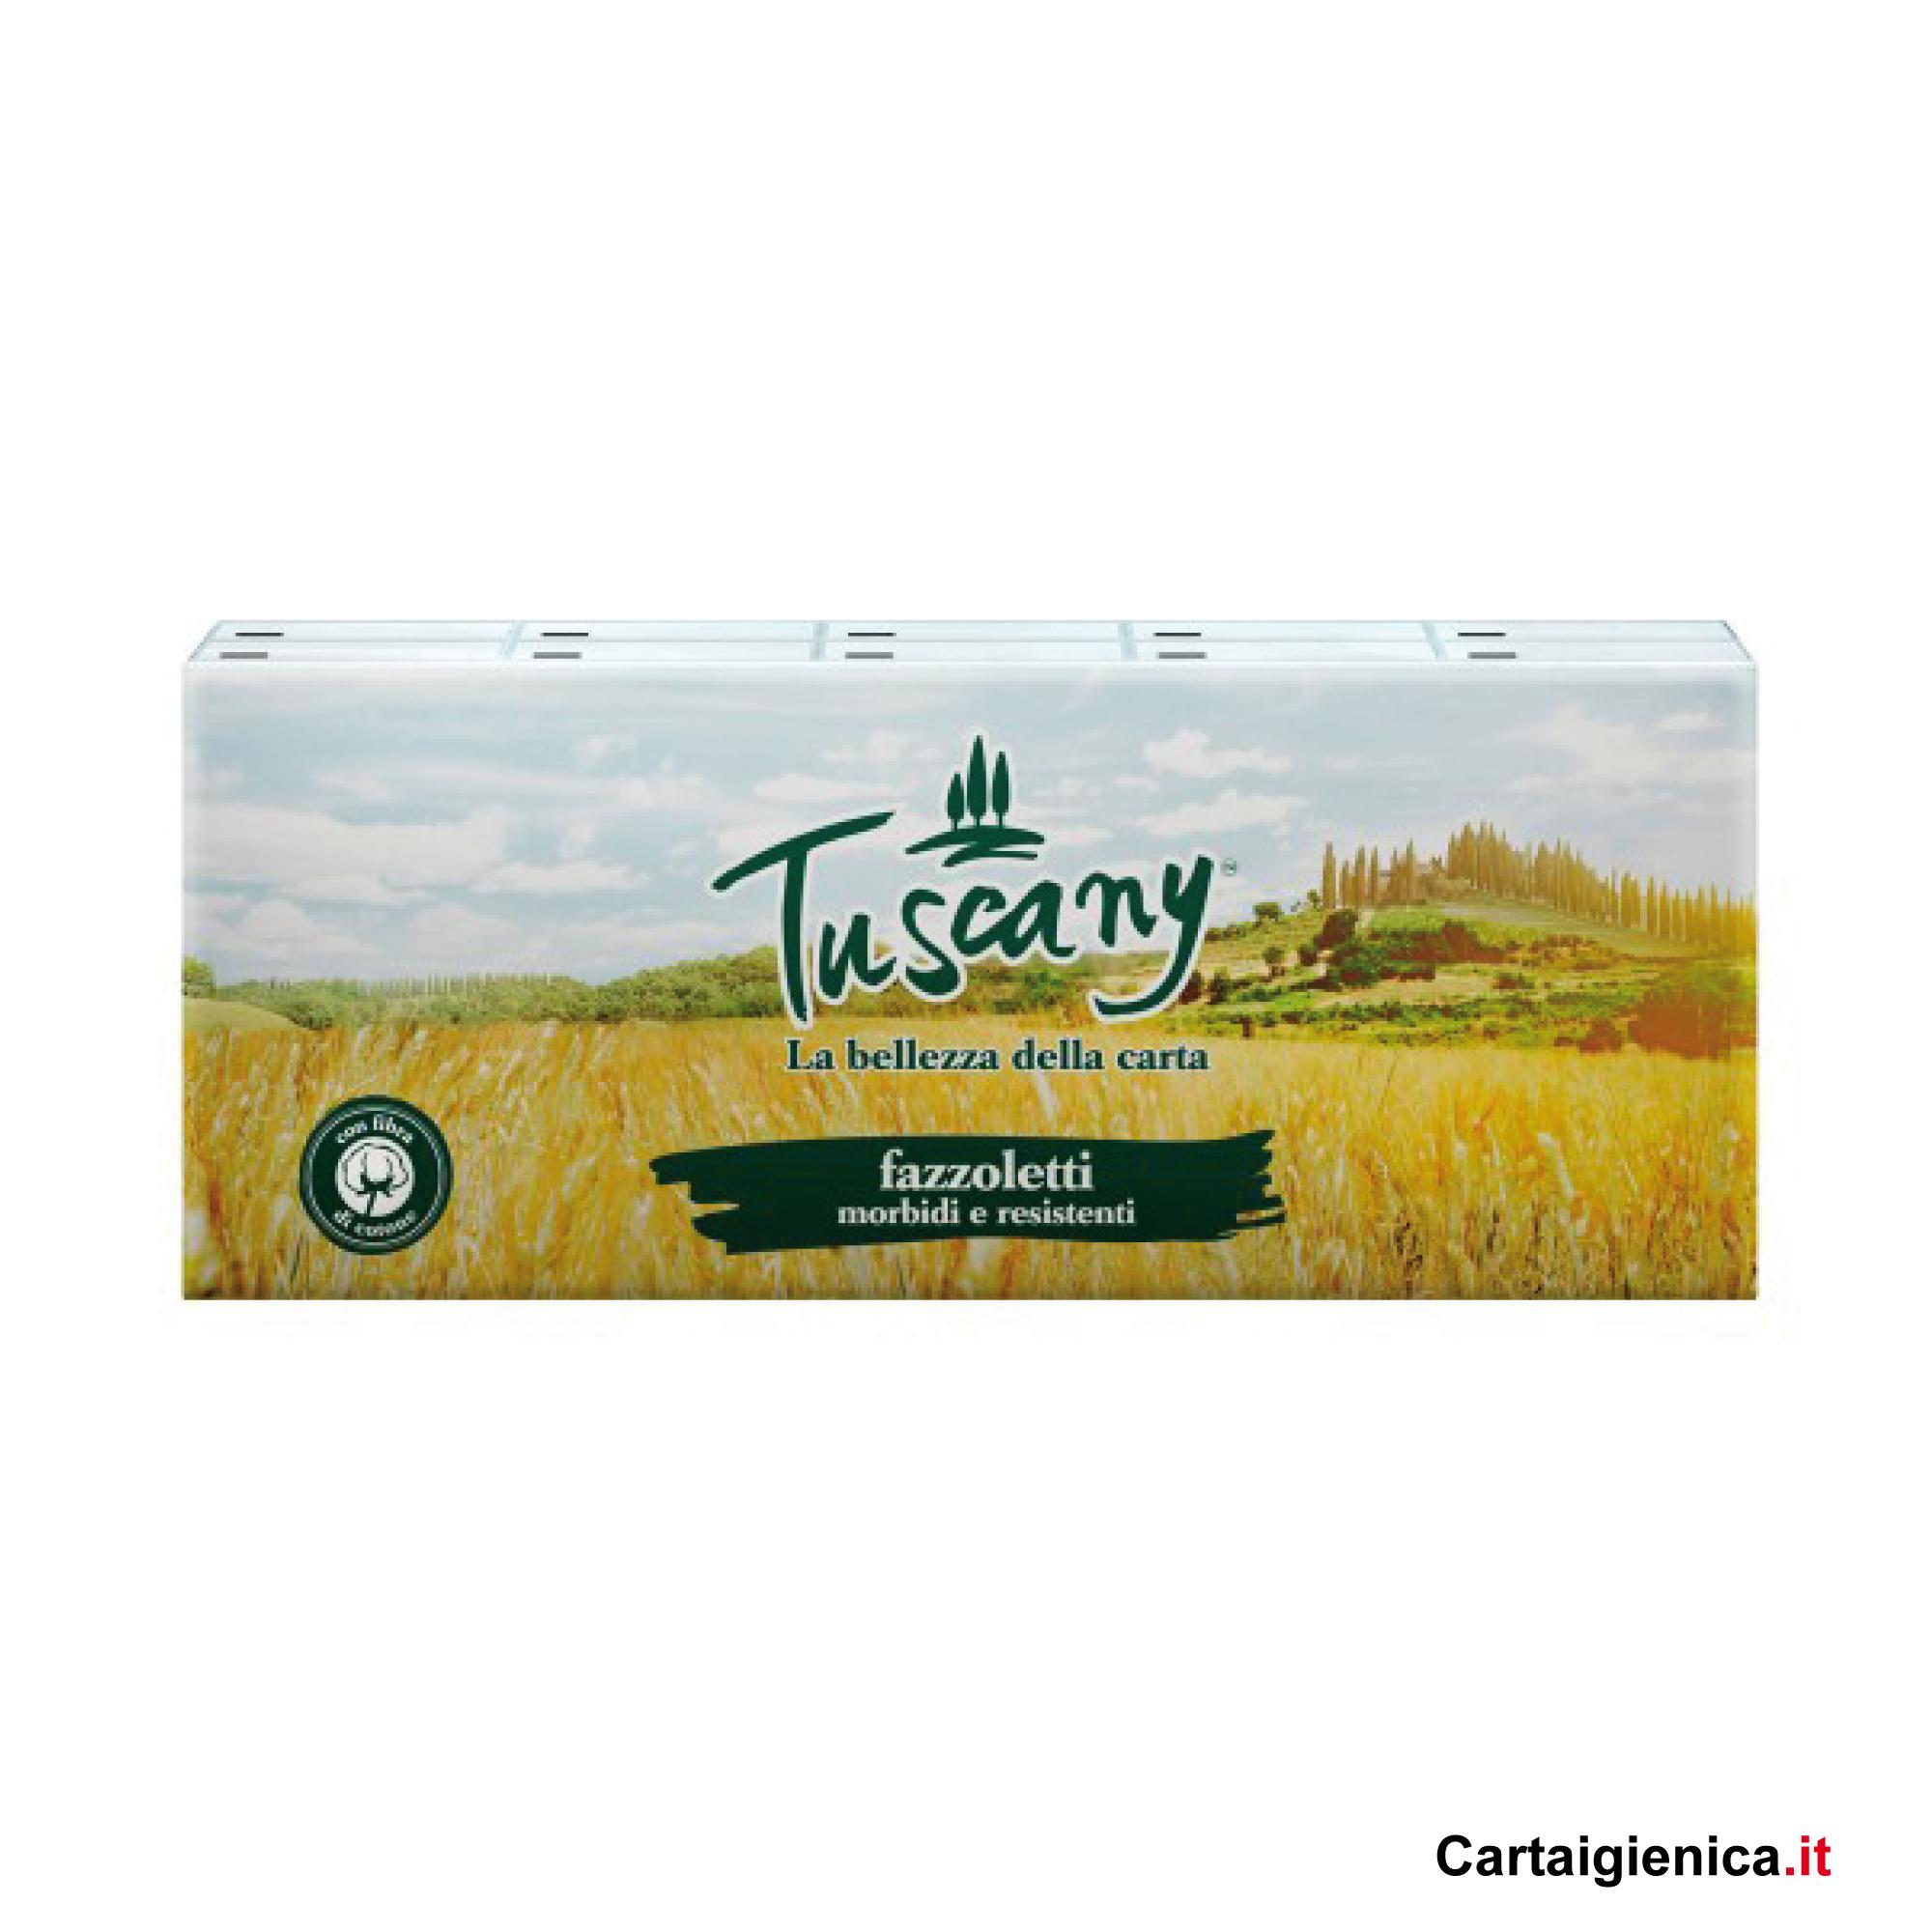 tuscany fazzoletti morbidi e resitenti 1 confezione 9 pacchetti